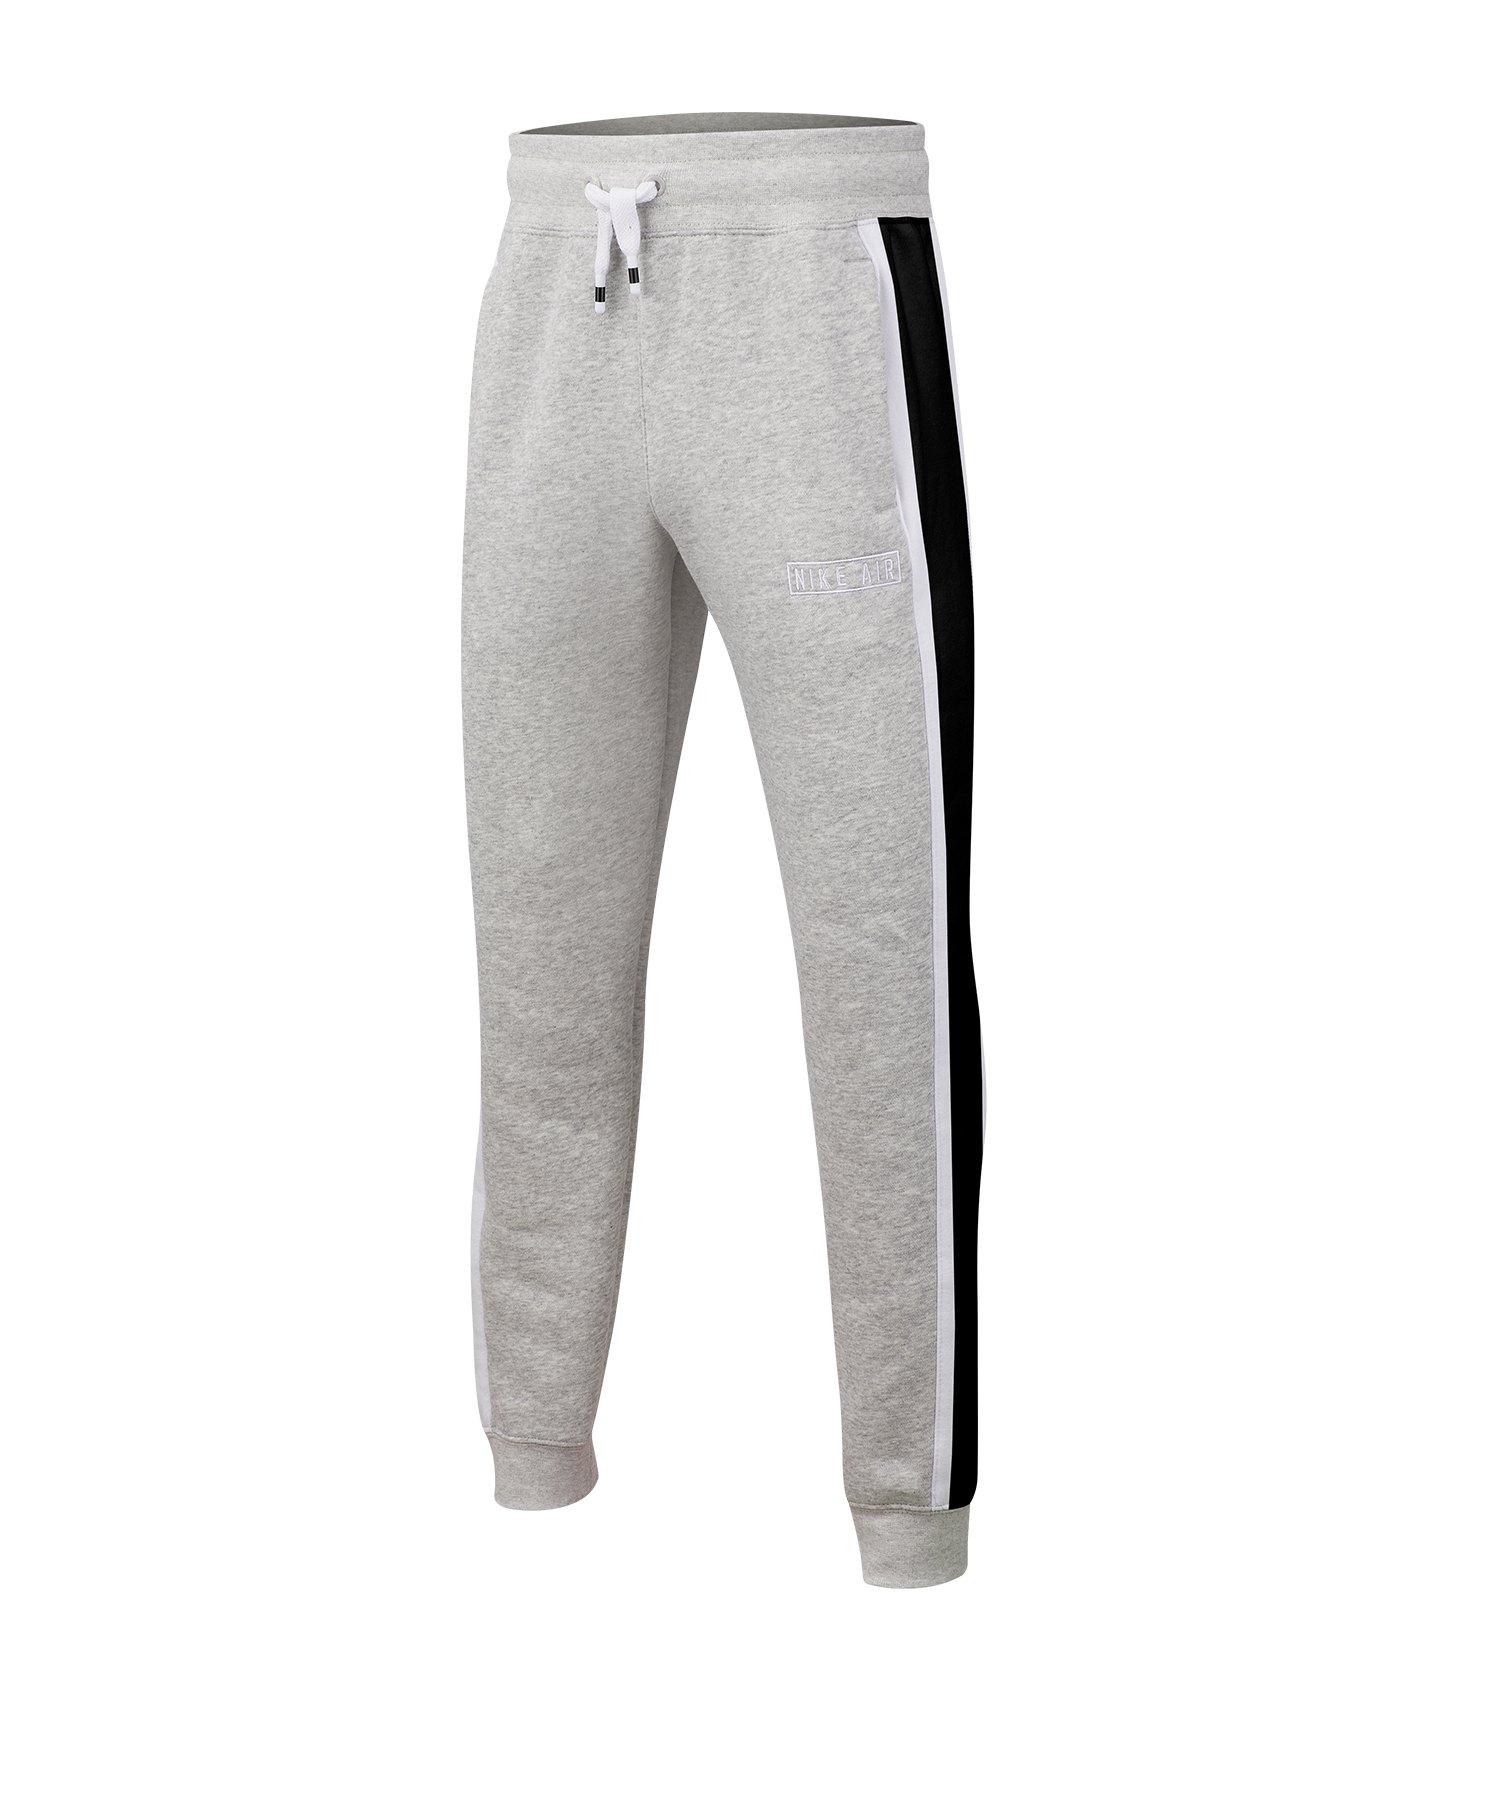 Nike Air Pant Jogginghose Kids Grau F050 - grau